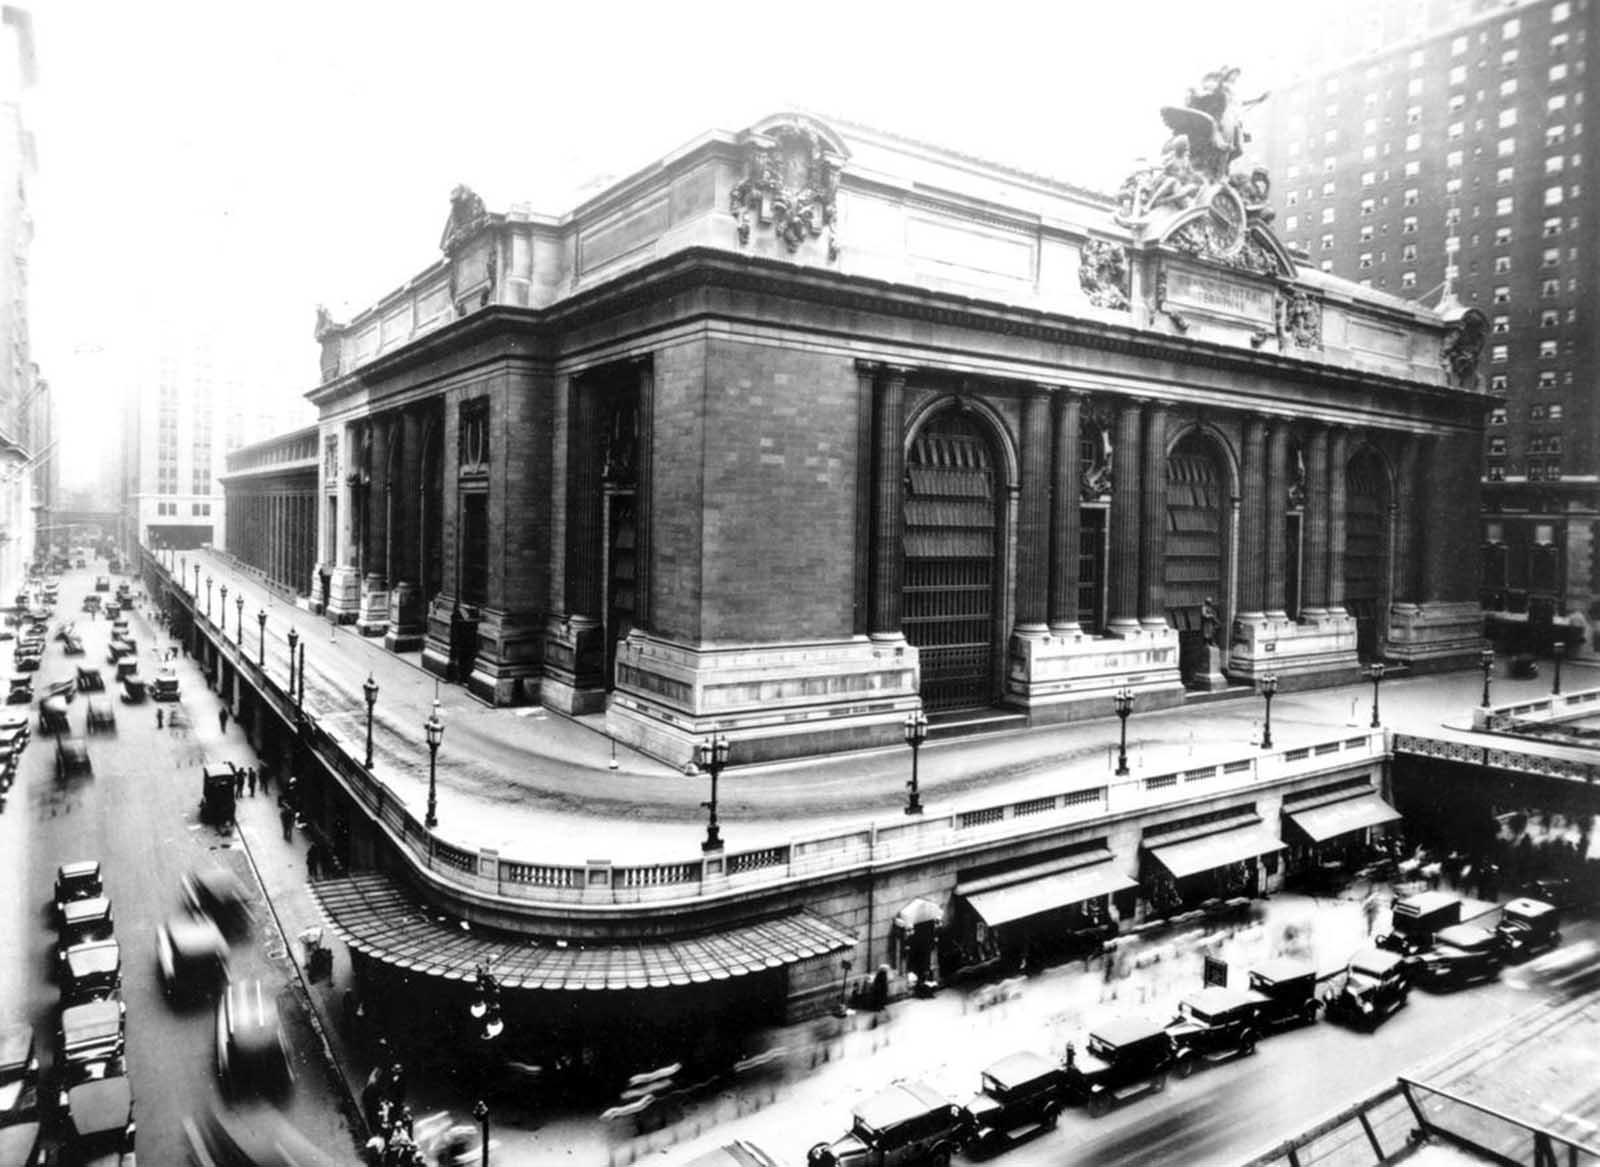 Grand Central Terminal en E. 42nd St. y Vanderbilt Ave. En nueva york.